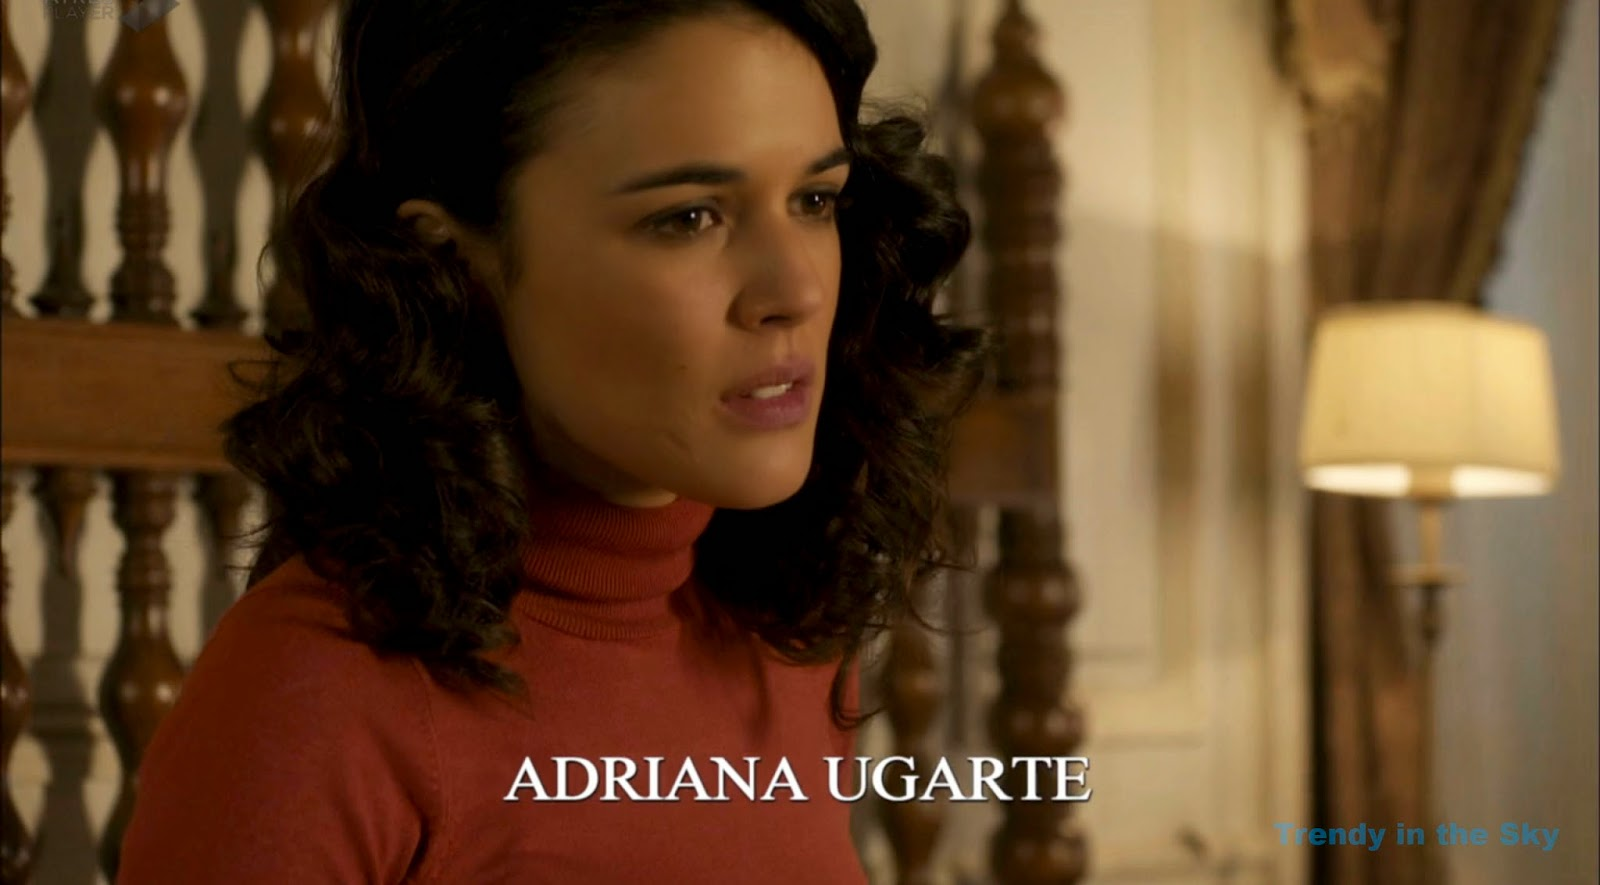 Sira Quiroga jersey rojo. El tiempo entre costuras. Capítulo 10